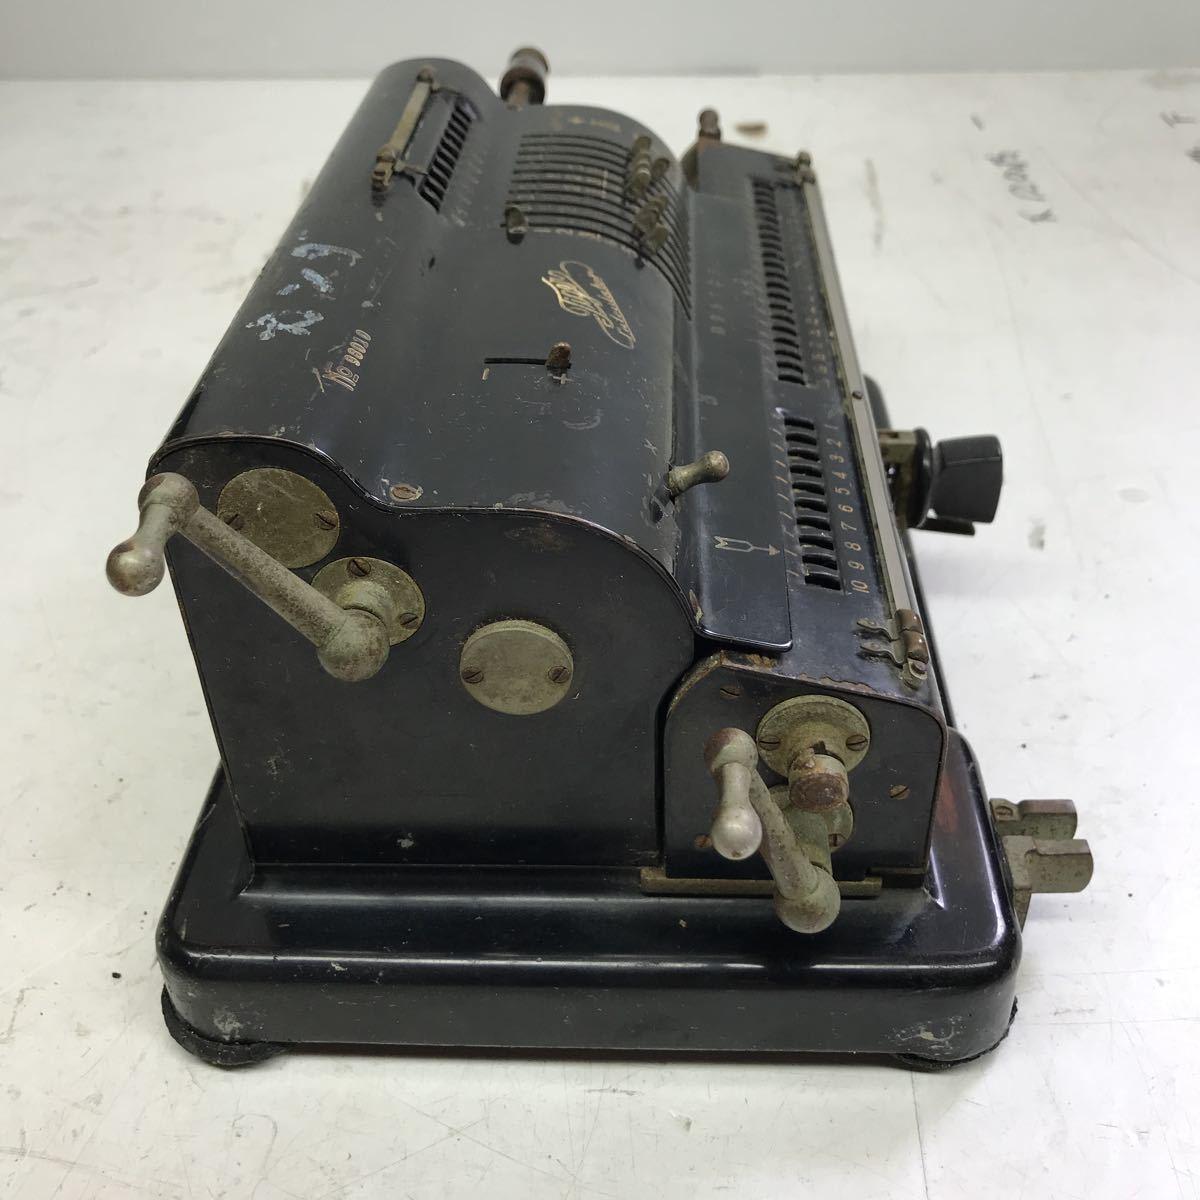 Tiger calculator タイガー計算機手回し 黒 ブラック 昭和レトロ タイガー 機械式計算機 アンティーク 手動式 _画像5